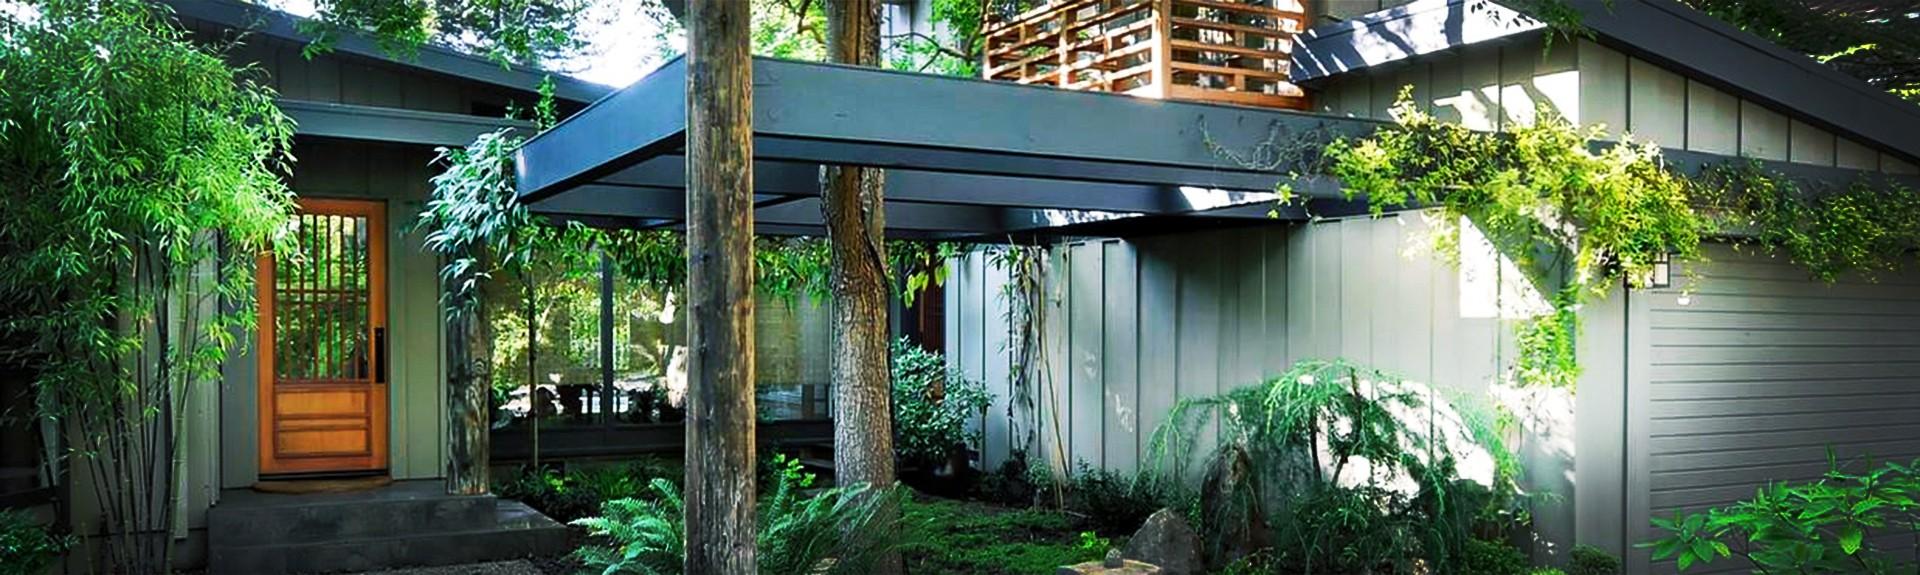 Exterior Home 6